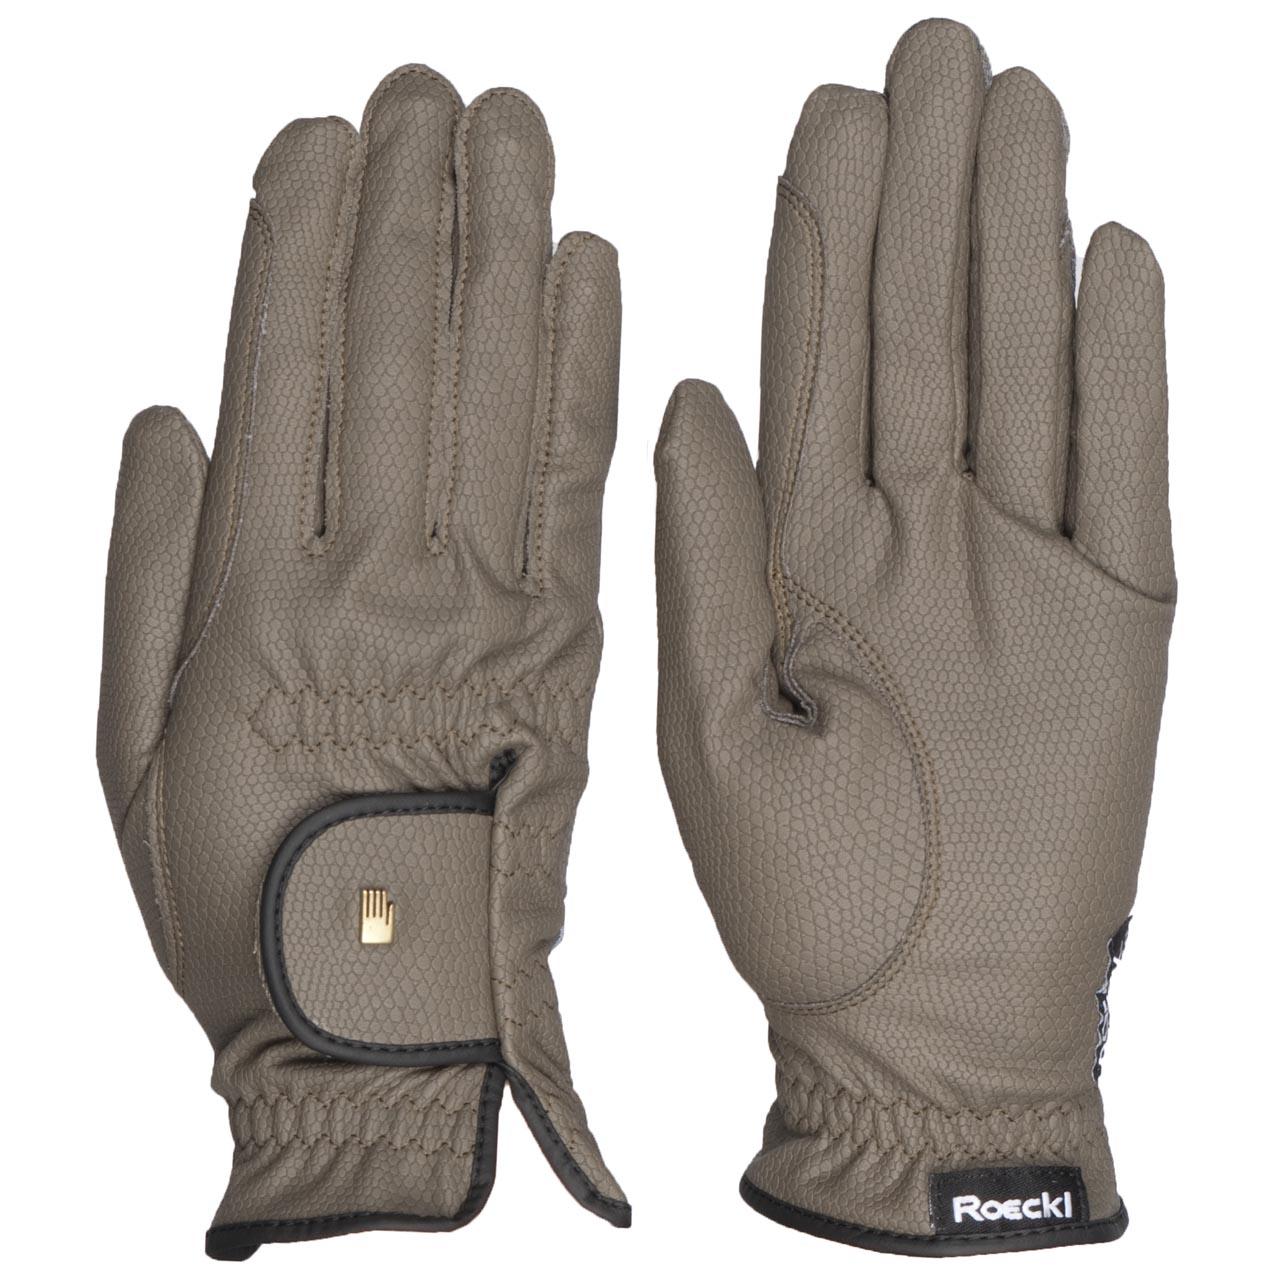 Roeckl Roeck grip Handschoen olijf maat:8,5